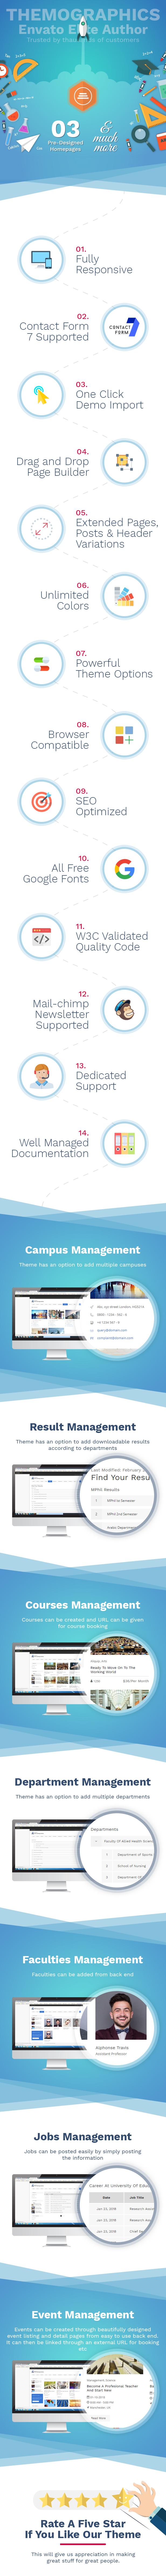 Edmento - Education WordPress Theme - 1